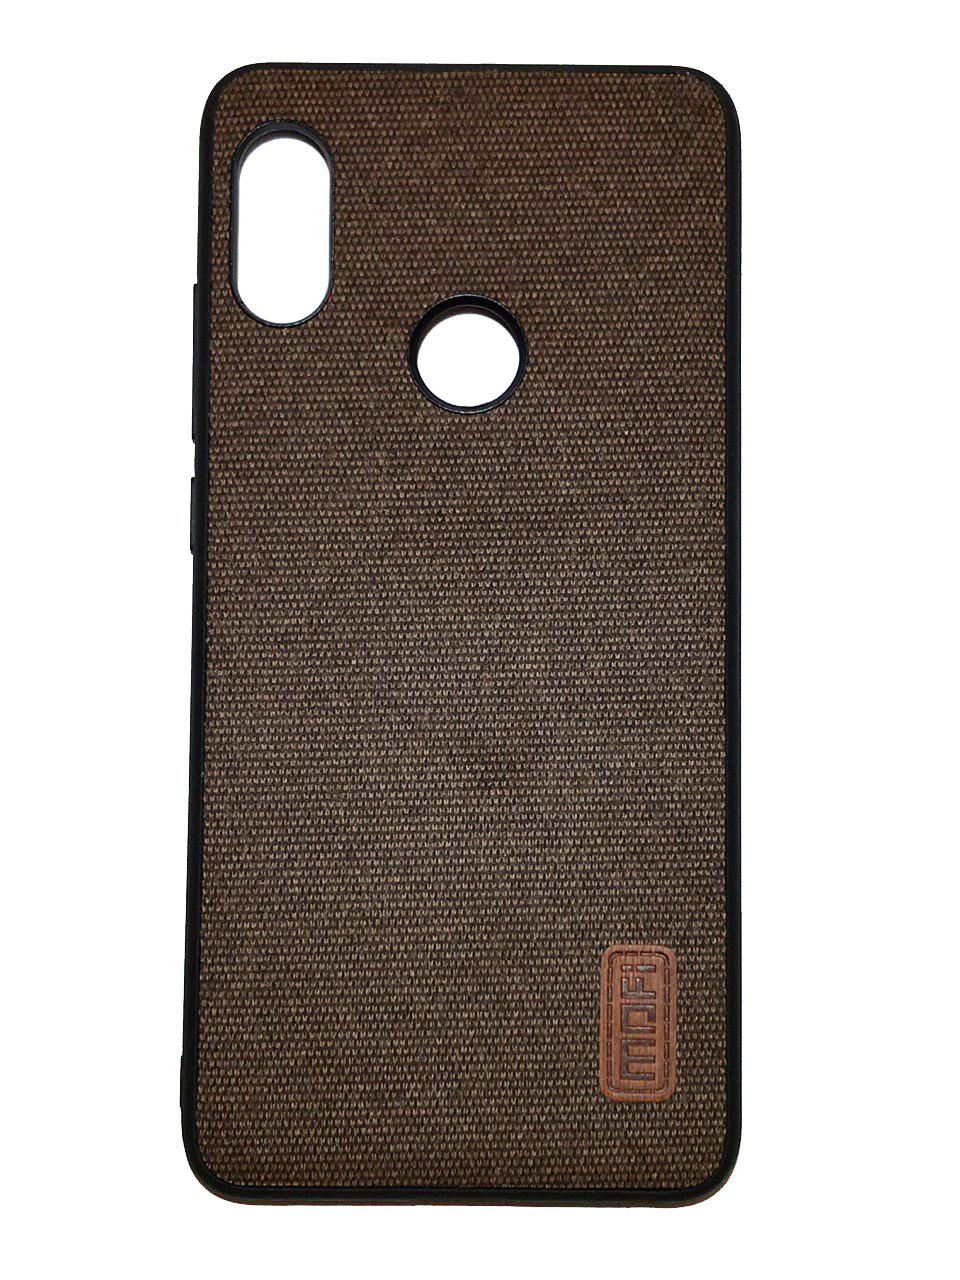 Чехол для Xiaomi Redmi Note 5 Накладка Fabric Xiaomi Redmi Note 5 /Note 5 Pro Brown xiaomi redmi note 5